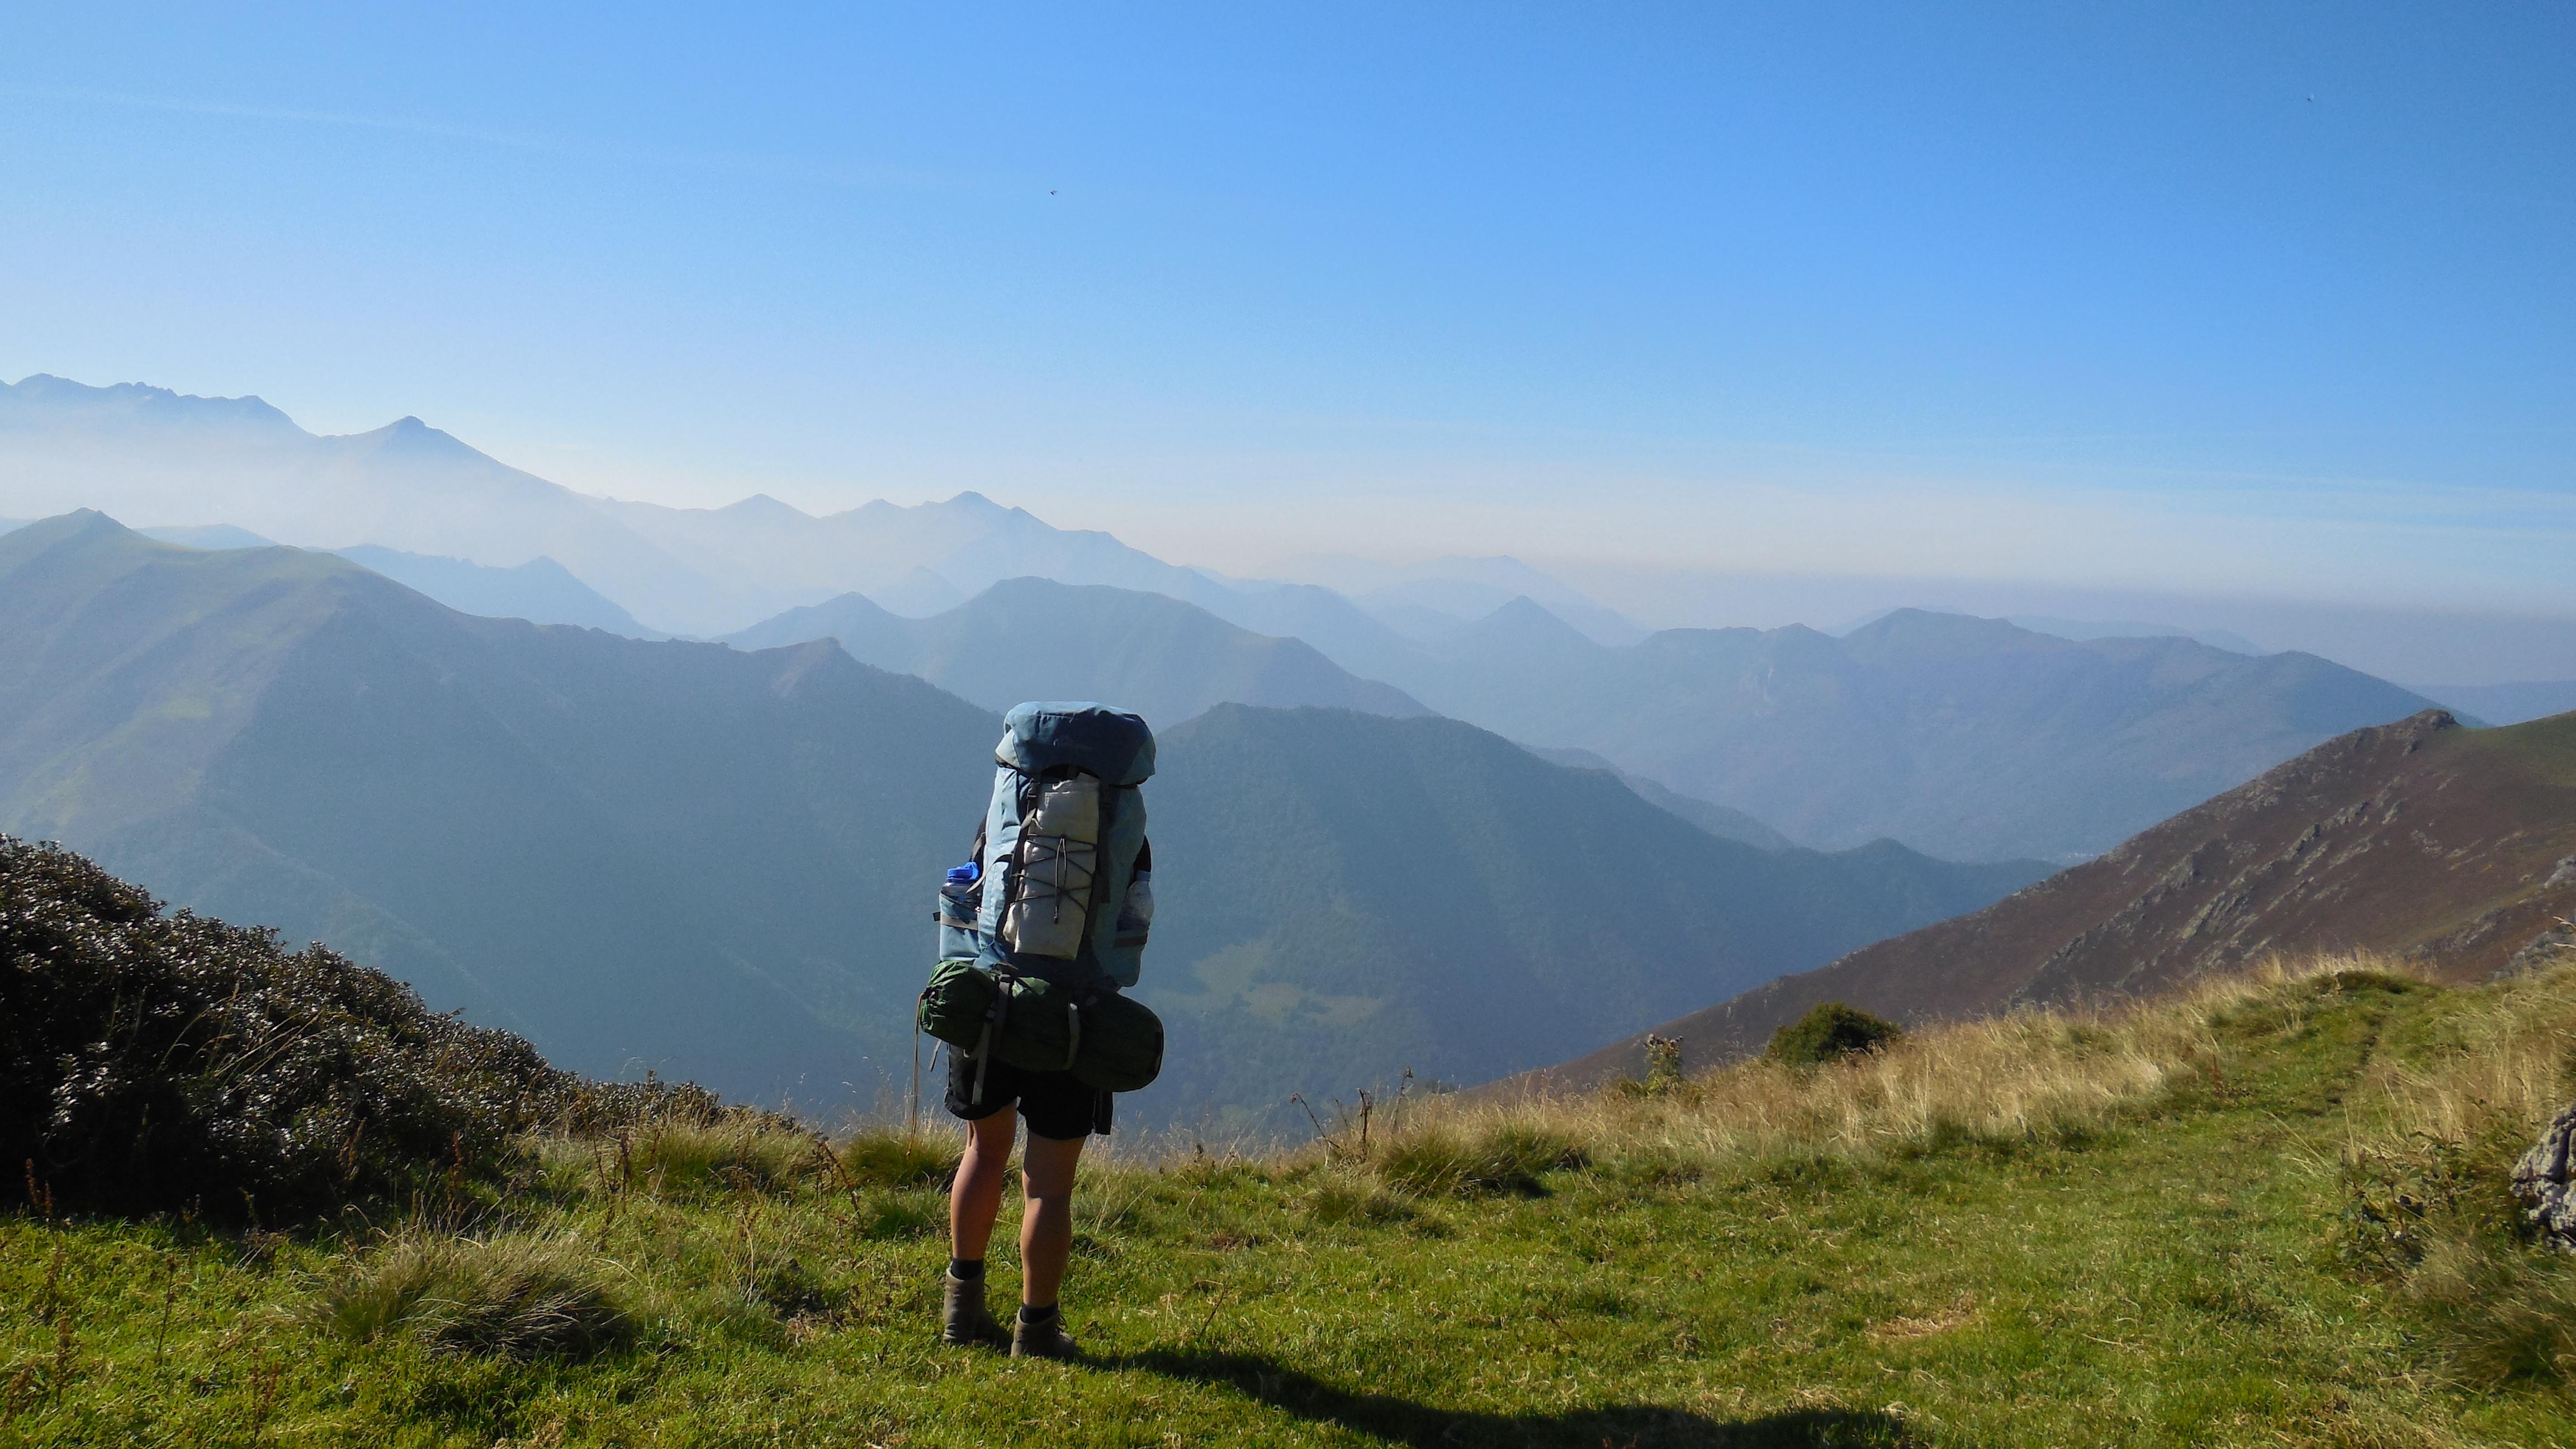 Trekkingrucksack Angebot 16.03-31.03.2020 (Verschoben!!!)